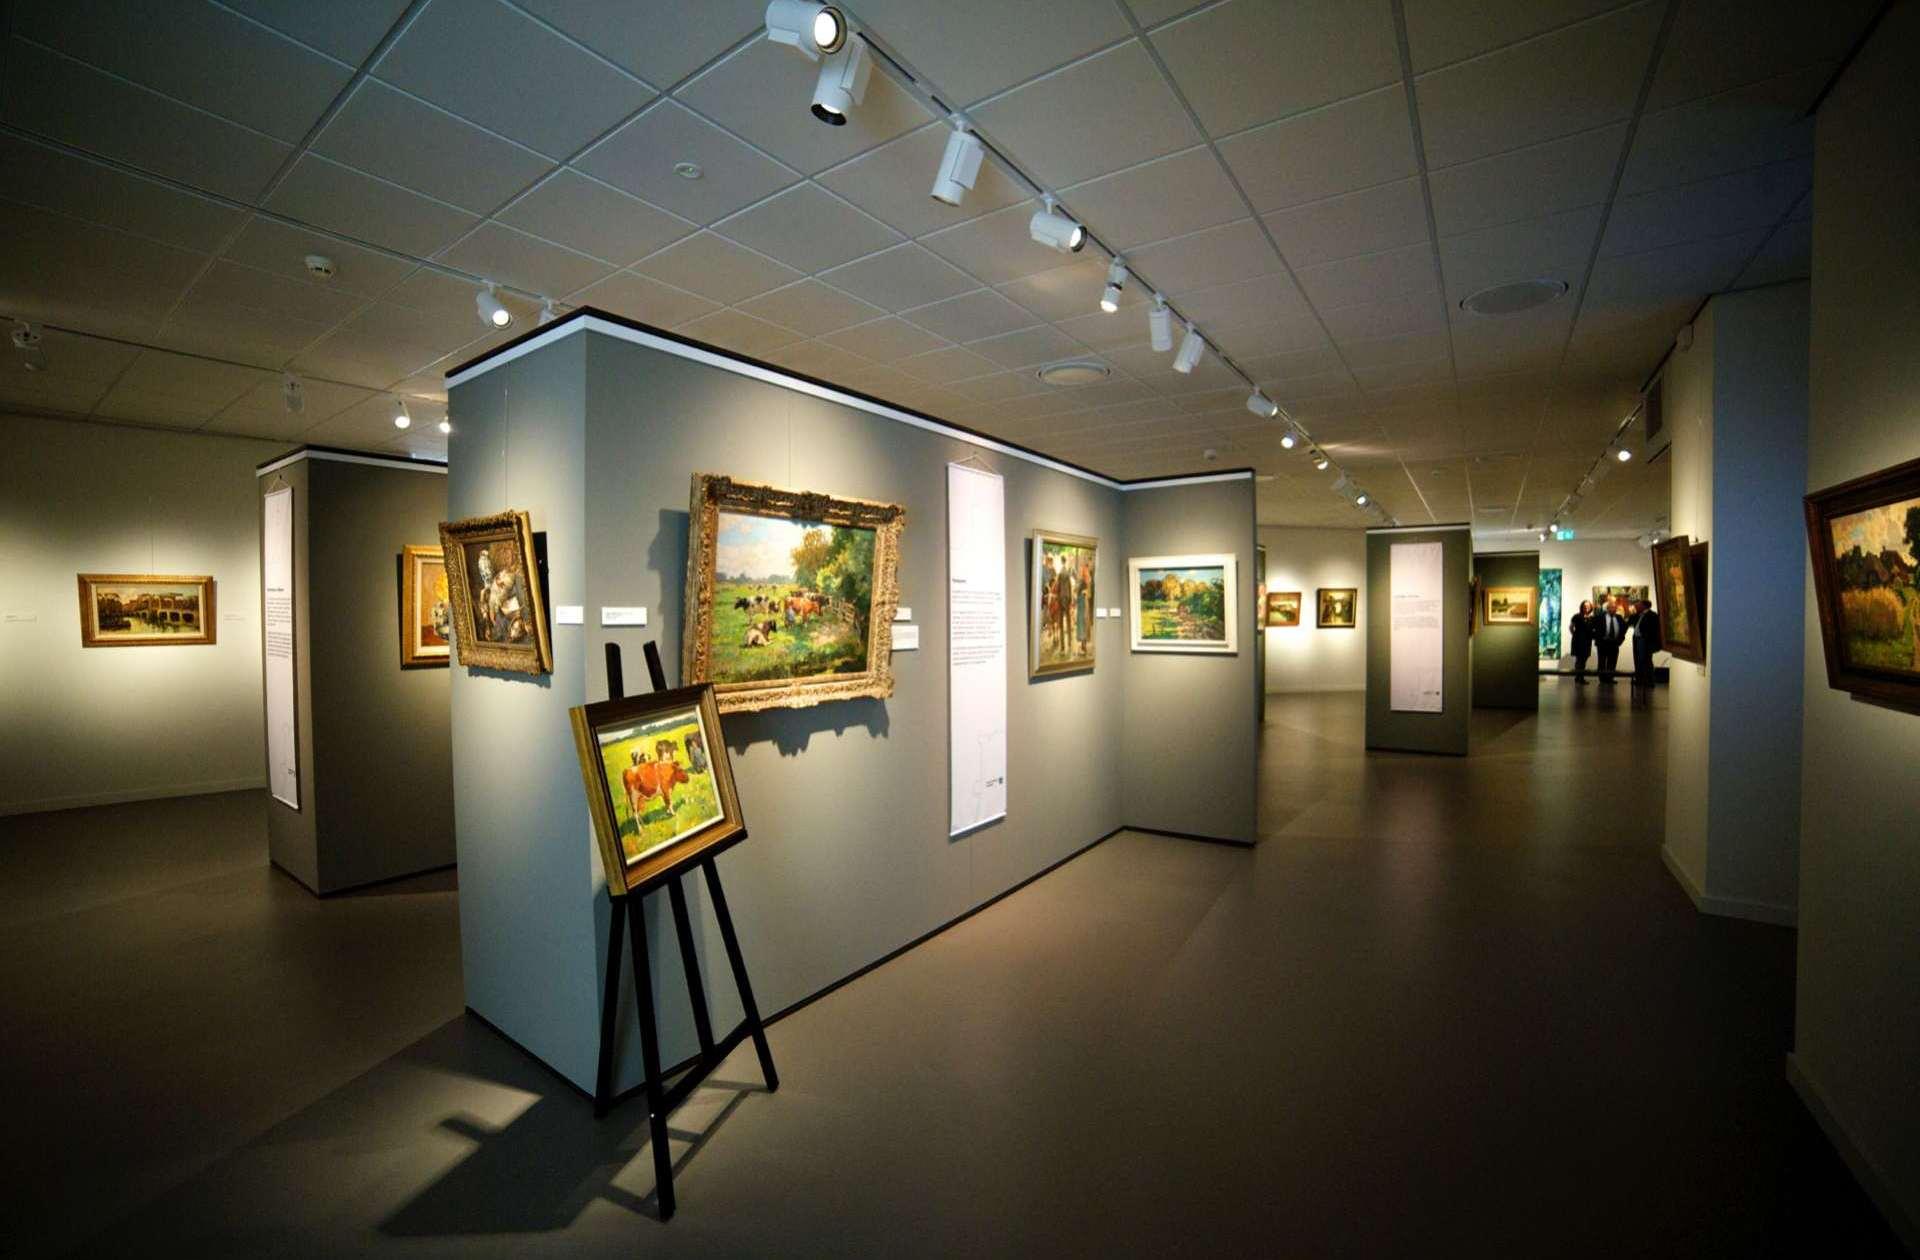 officiële opening noord-veluws museum - noord-veluws museum : noord